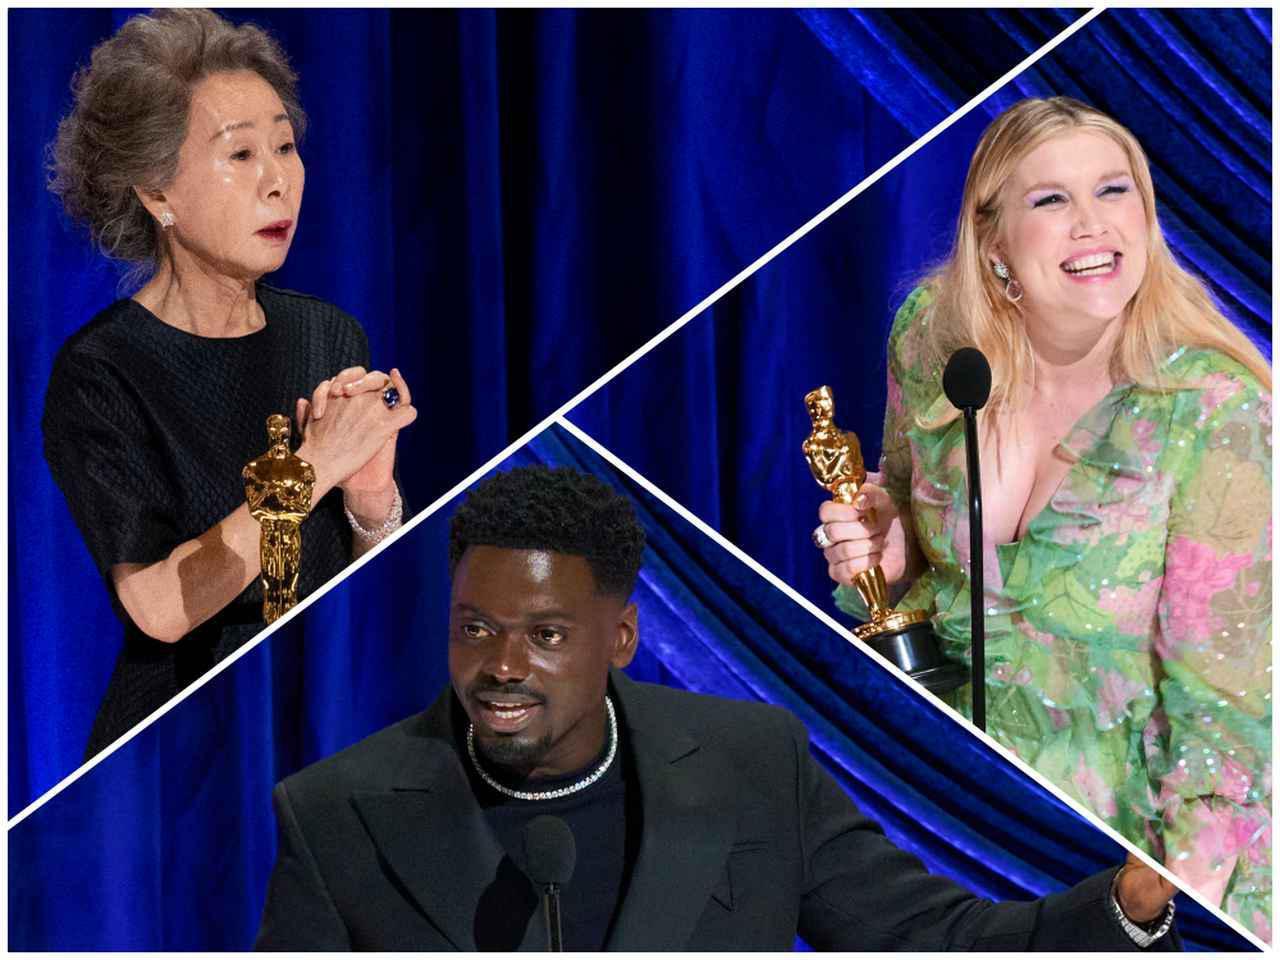 画像: 2021年アカデミー賞で会場を盛り上げたスピーチまとめ - フロントロウ -海外セレブ情報を発信